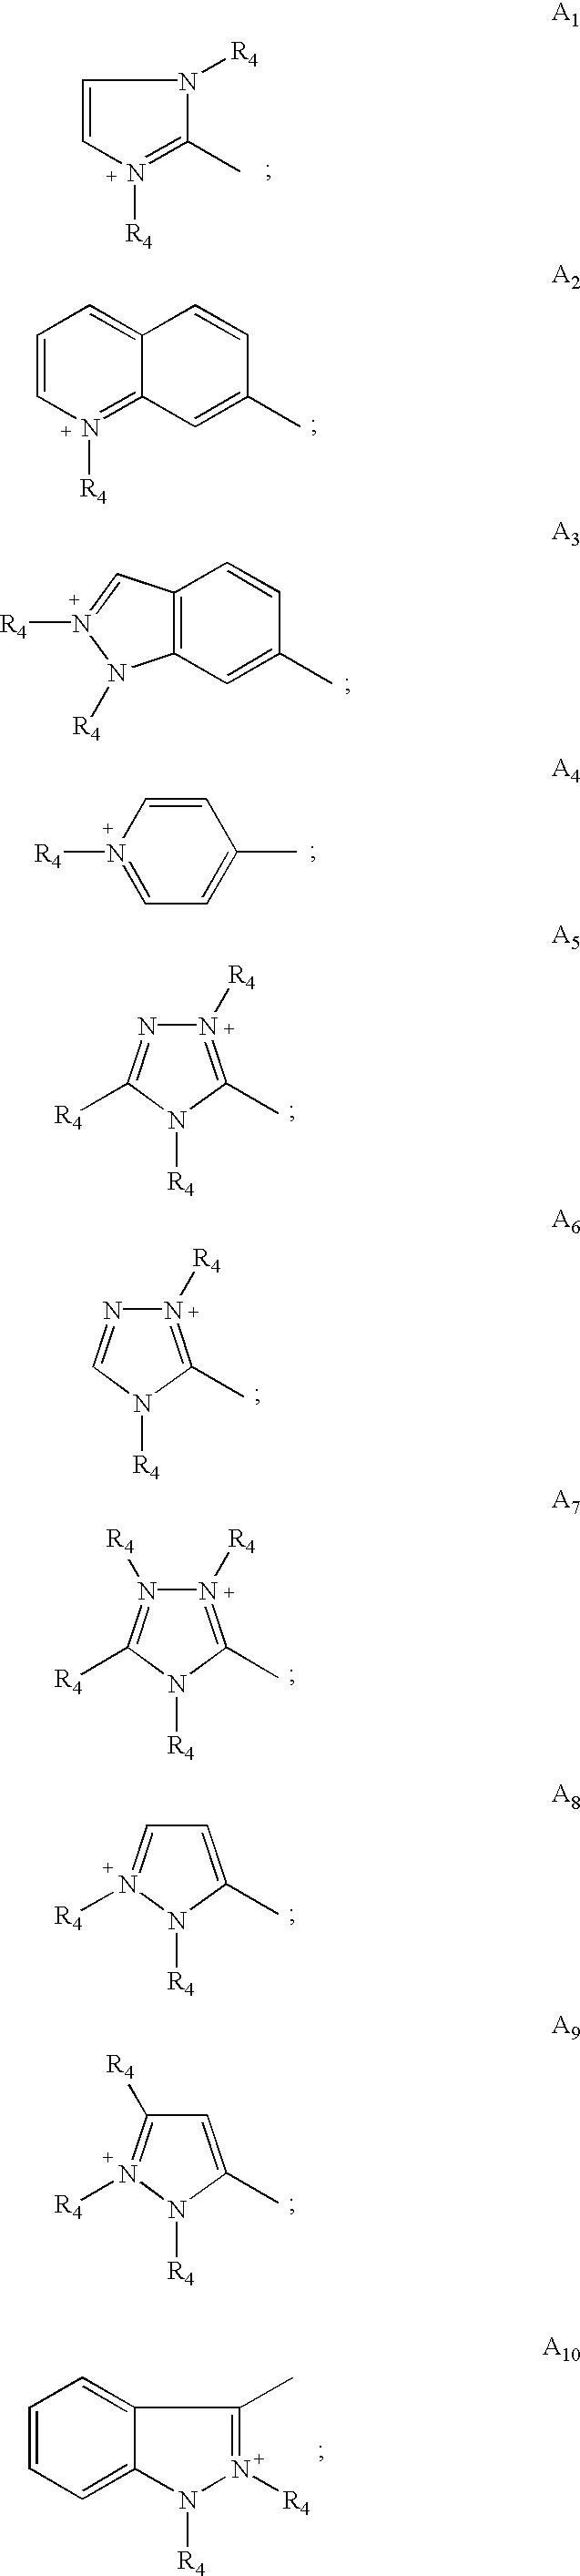 Figure US20020046432A1-20020425-C00020